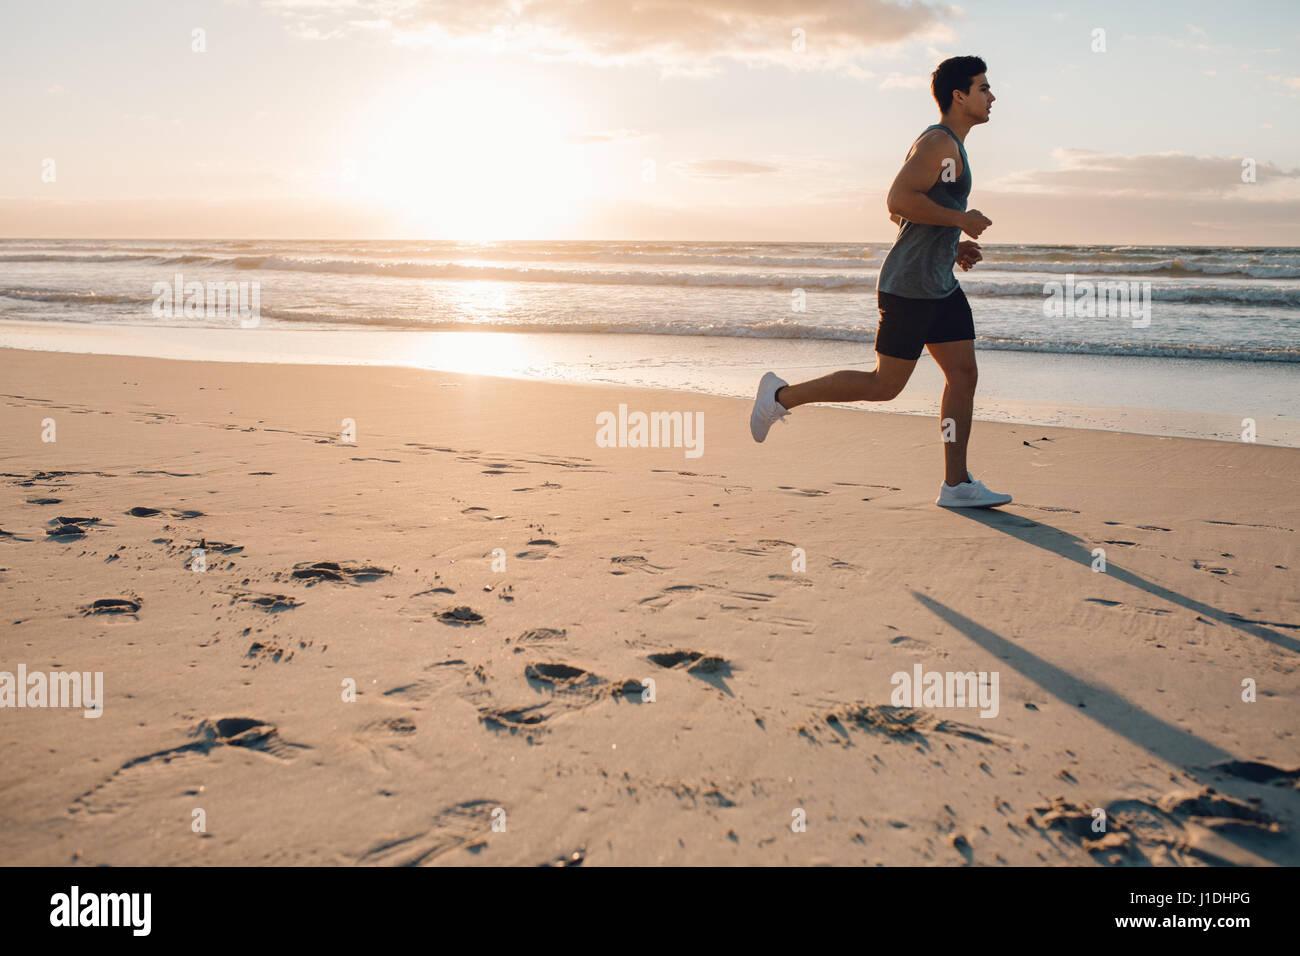 Vista lateral de disparo colocar joven corriendo en la playa por la mañana. Modelo masculino saludable trotar Imagen De Stock